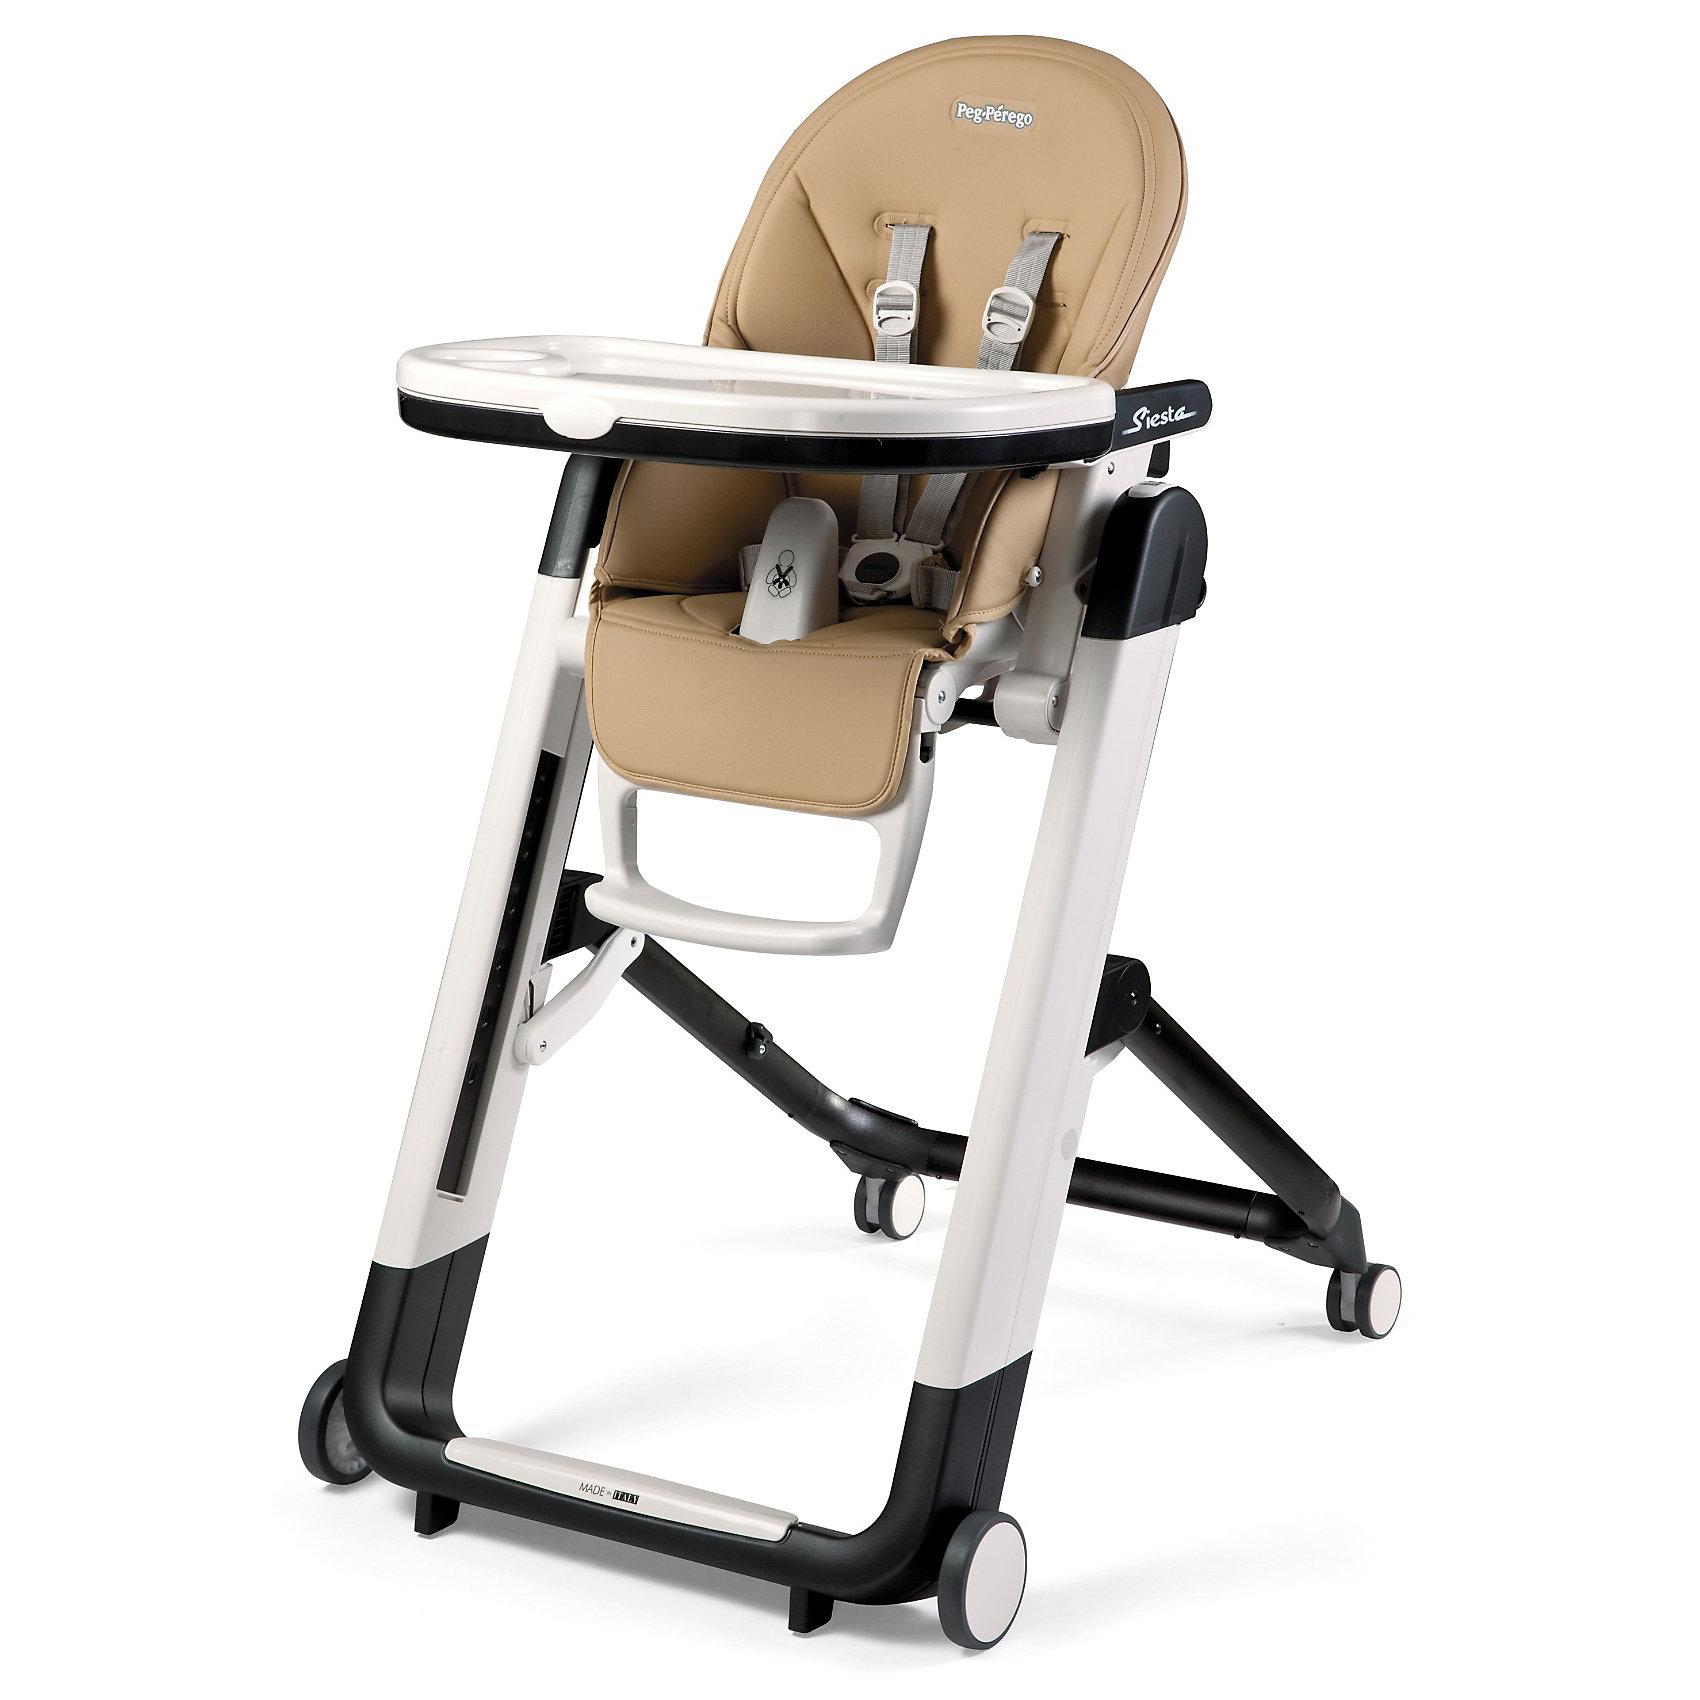 Стульчик для кормления Siesta, Peg-Perego, Noce бежевыйот рождения<br>Удобный и функциональный стульчик Siesta, Peg-Perego, обеспечит комфорт и безопасность Вашего малыша во время кормления. Спинка сиденья легко регулируется в 5 положениях (вплоть до горизонтального), что позволяет использовать стульчик как для кормления так и для игр и<br>сна. Широкое и эргономичное мягкое сиденье будет удобно как малышу, так и ребенку постарше. Стульчик оснащен регулируемыми 5-точечными ремнями безопасности, а планка-разделитель для ножек под столиком не даст малышу соскользнуть. Высота стула регулируется в 9<br>положениях (от 33 до 65 см. от пола). Подножка регулируется в 3 позициях, позволяя выбрать оптимальное для ребенка положение. На задней части спинки размещается сетка для мелочей.<br><br>Широкий съемный столик оснащен подносом с отделениями для кружки или стакана, поднос можно снять для быстрой чистки и использовать основную поверхность для игр и занятий. Для детей постарше стул можно использовать без столика для кормления, придвинув его к столу<br>для взрослых. Ножки оснащены колесиками с блокираторами, что позволяет легко перемещать стульчик по комнате. Кожаный чехол легко снимается для чистки. Стульчик легко и компактно складывается и занимает мало места при хранении. Подходит для детей в возрасте от 0<br>месяцев до 3 лет.<br><br>Дополнительная информация:<br><br>- Цвет: Noce бежевый.<br>- Материал: пластик, эко-кожа.<br>- Высота спинки сиденья: 44 см.<br>- Ширина сиденья: 27 см.<br>- Размер в разложенном состоянии: 60 х 75 х 104,5 см. <br>- Размер в сложенном состоянии: 60 х 35 х 89 cм. <br>- Вес: 7,6 кг.<br><br>Стульчик для кормления Siesta, Peg-Perego, Noce бежевый, можно купить в нашем интернет-магазине.<br><br>Ширина мм: 900<br>Глубина мм: 620<br>Высота мм: 280<br>Вес г: 13370<br>Цвет: бежевый<br>Возраст от месяцев: 0<br>Возраст до месяцев: 36<br>Пол: Унисекс<br>Возраст: Детский<br>SKU: 2396301